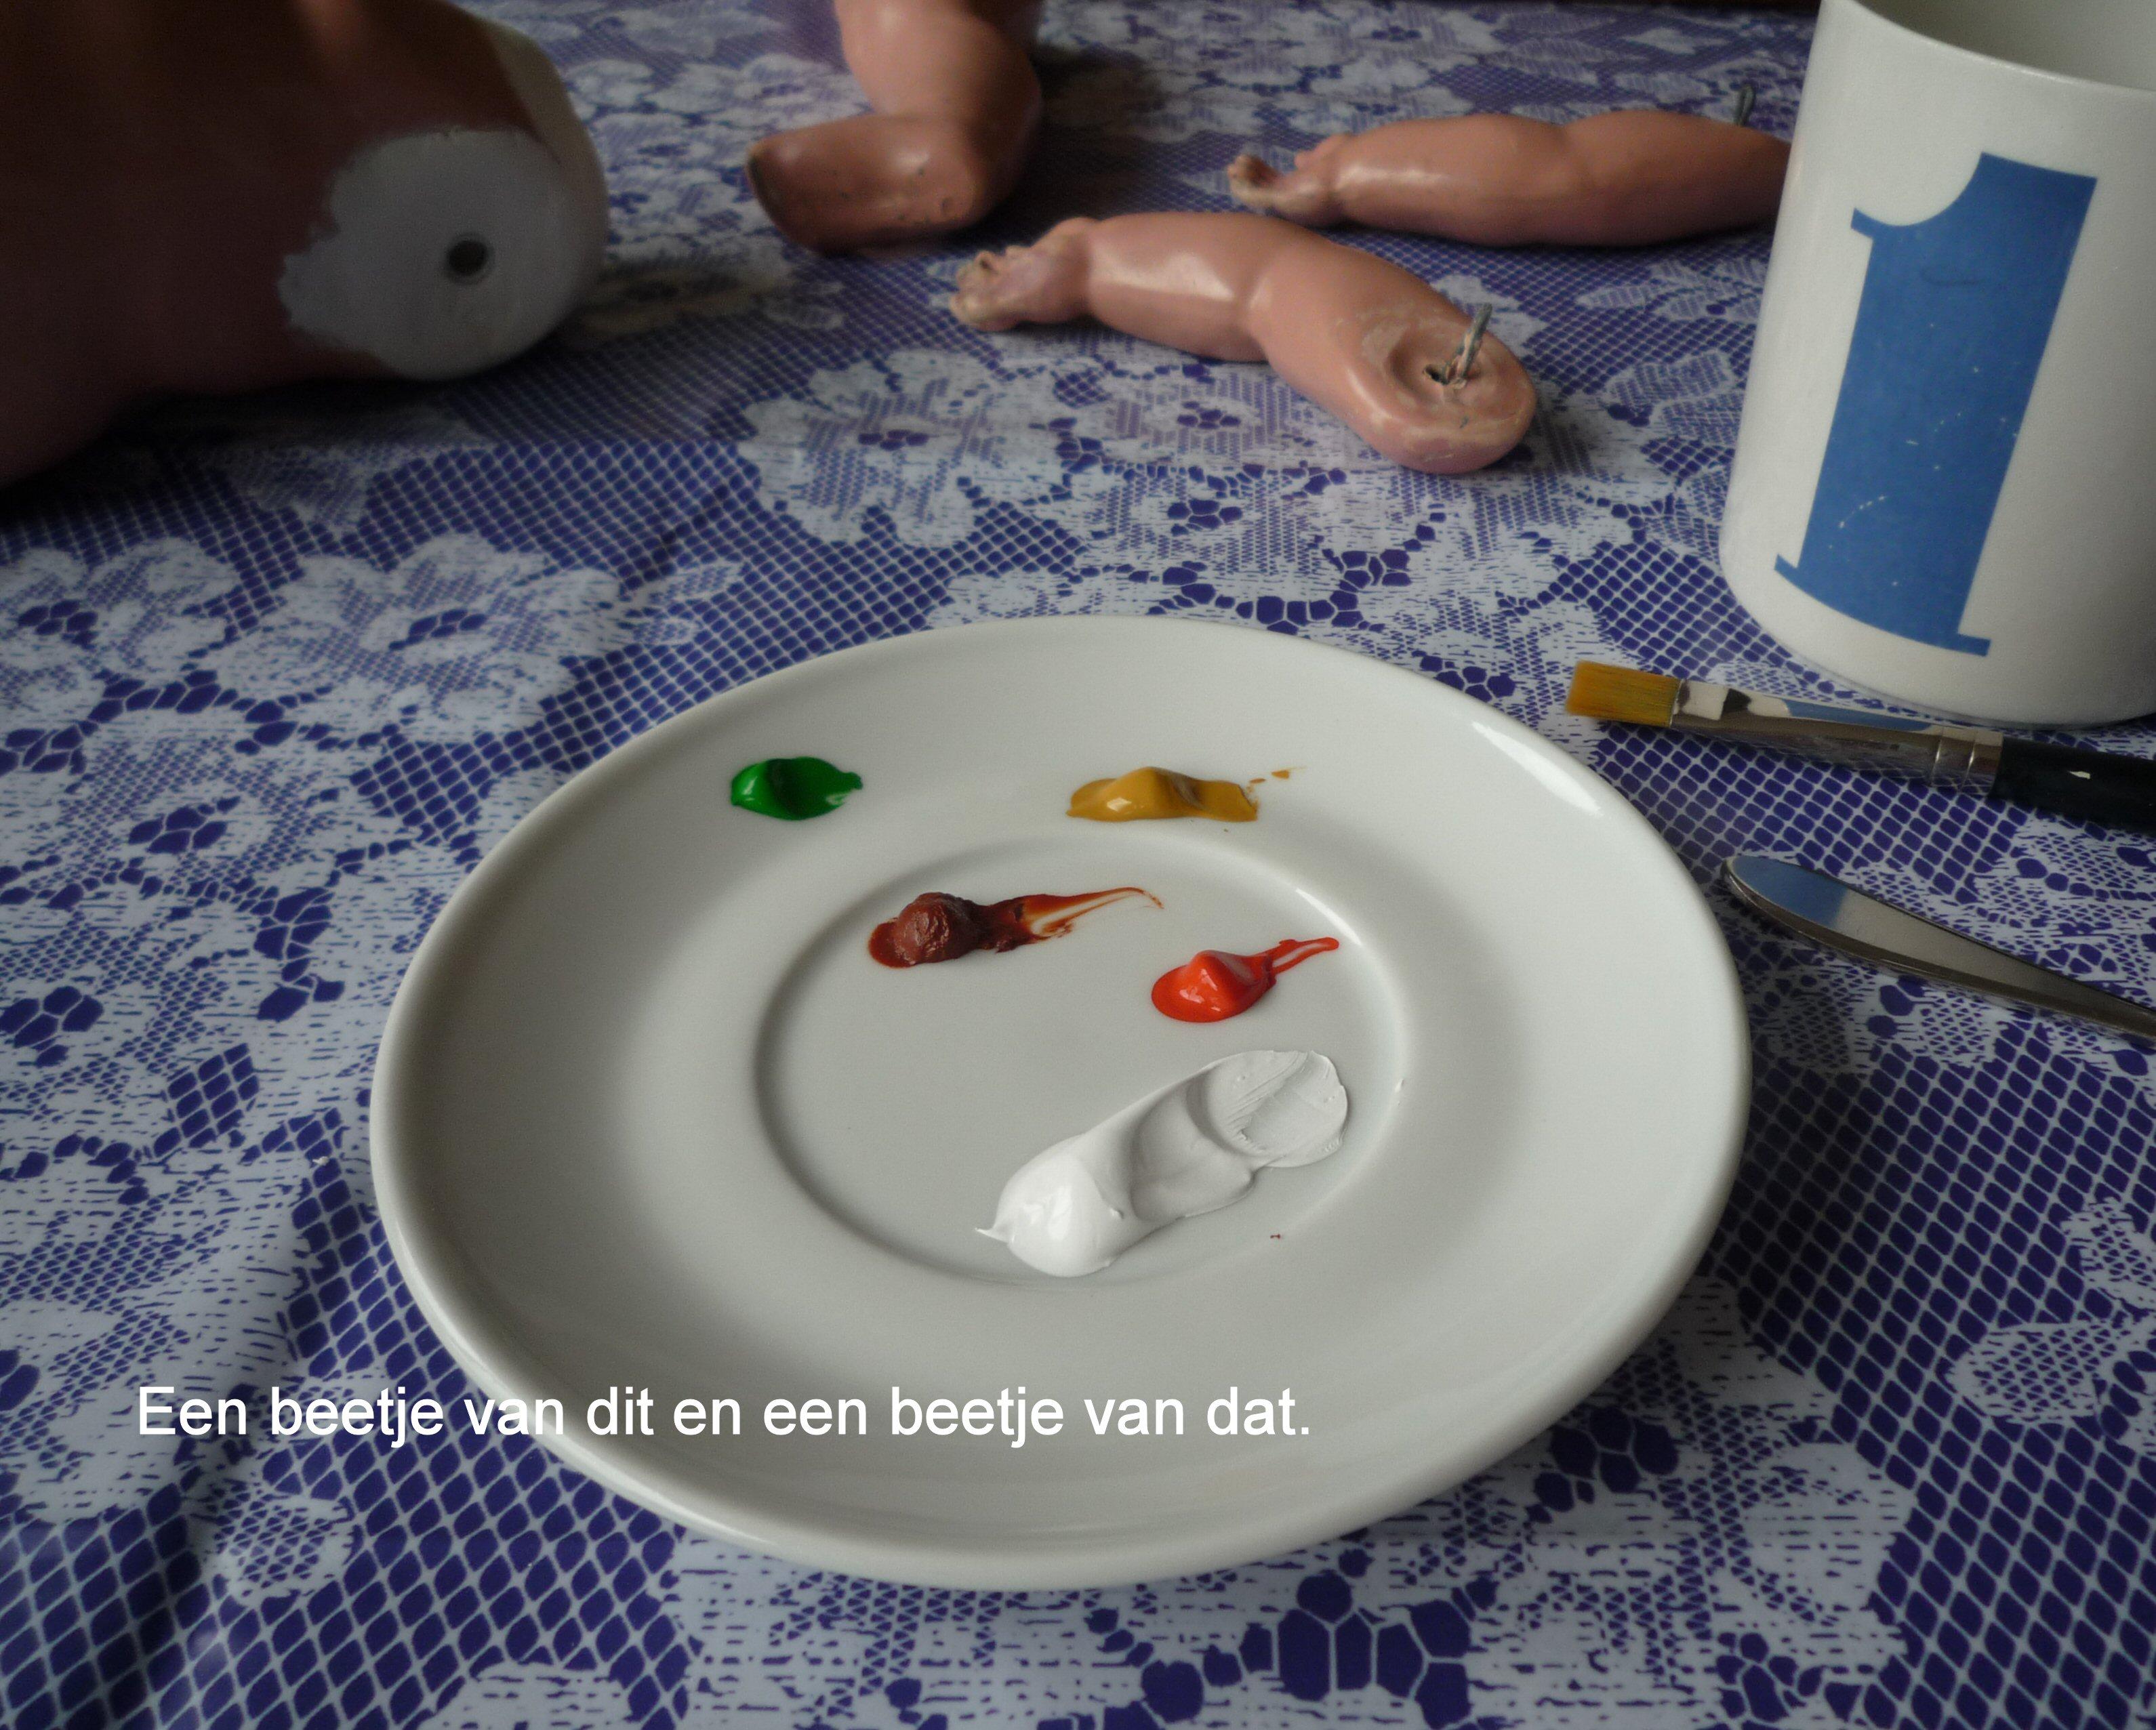 https://welkepopisdat.nl/afbeeldingen-Forum/DurvinaFotos/Bregje%20(24).JPG